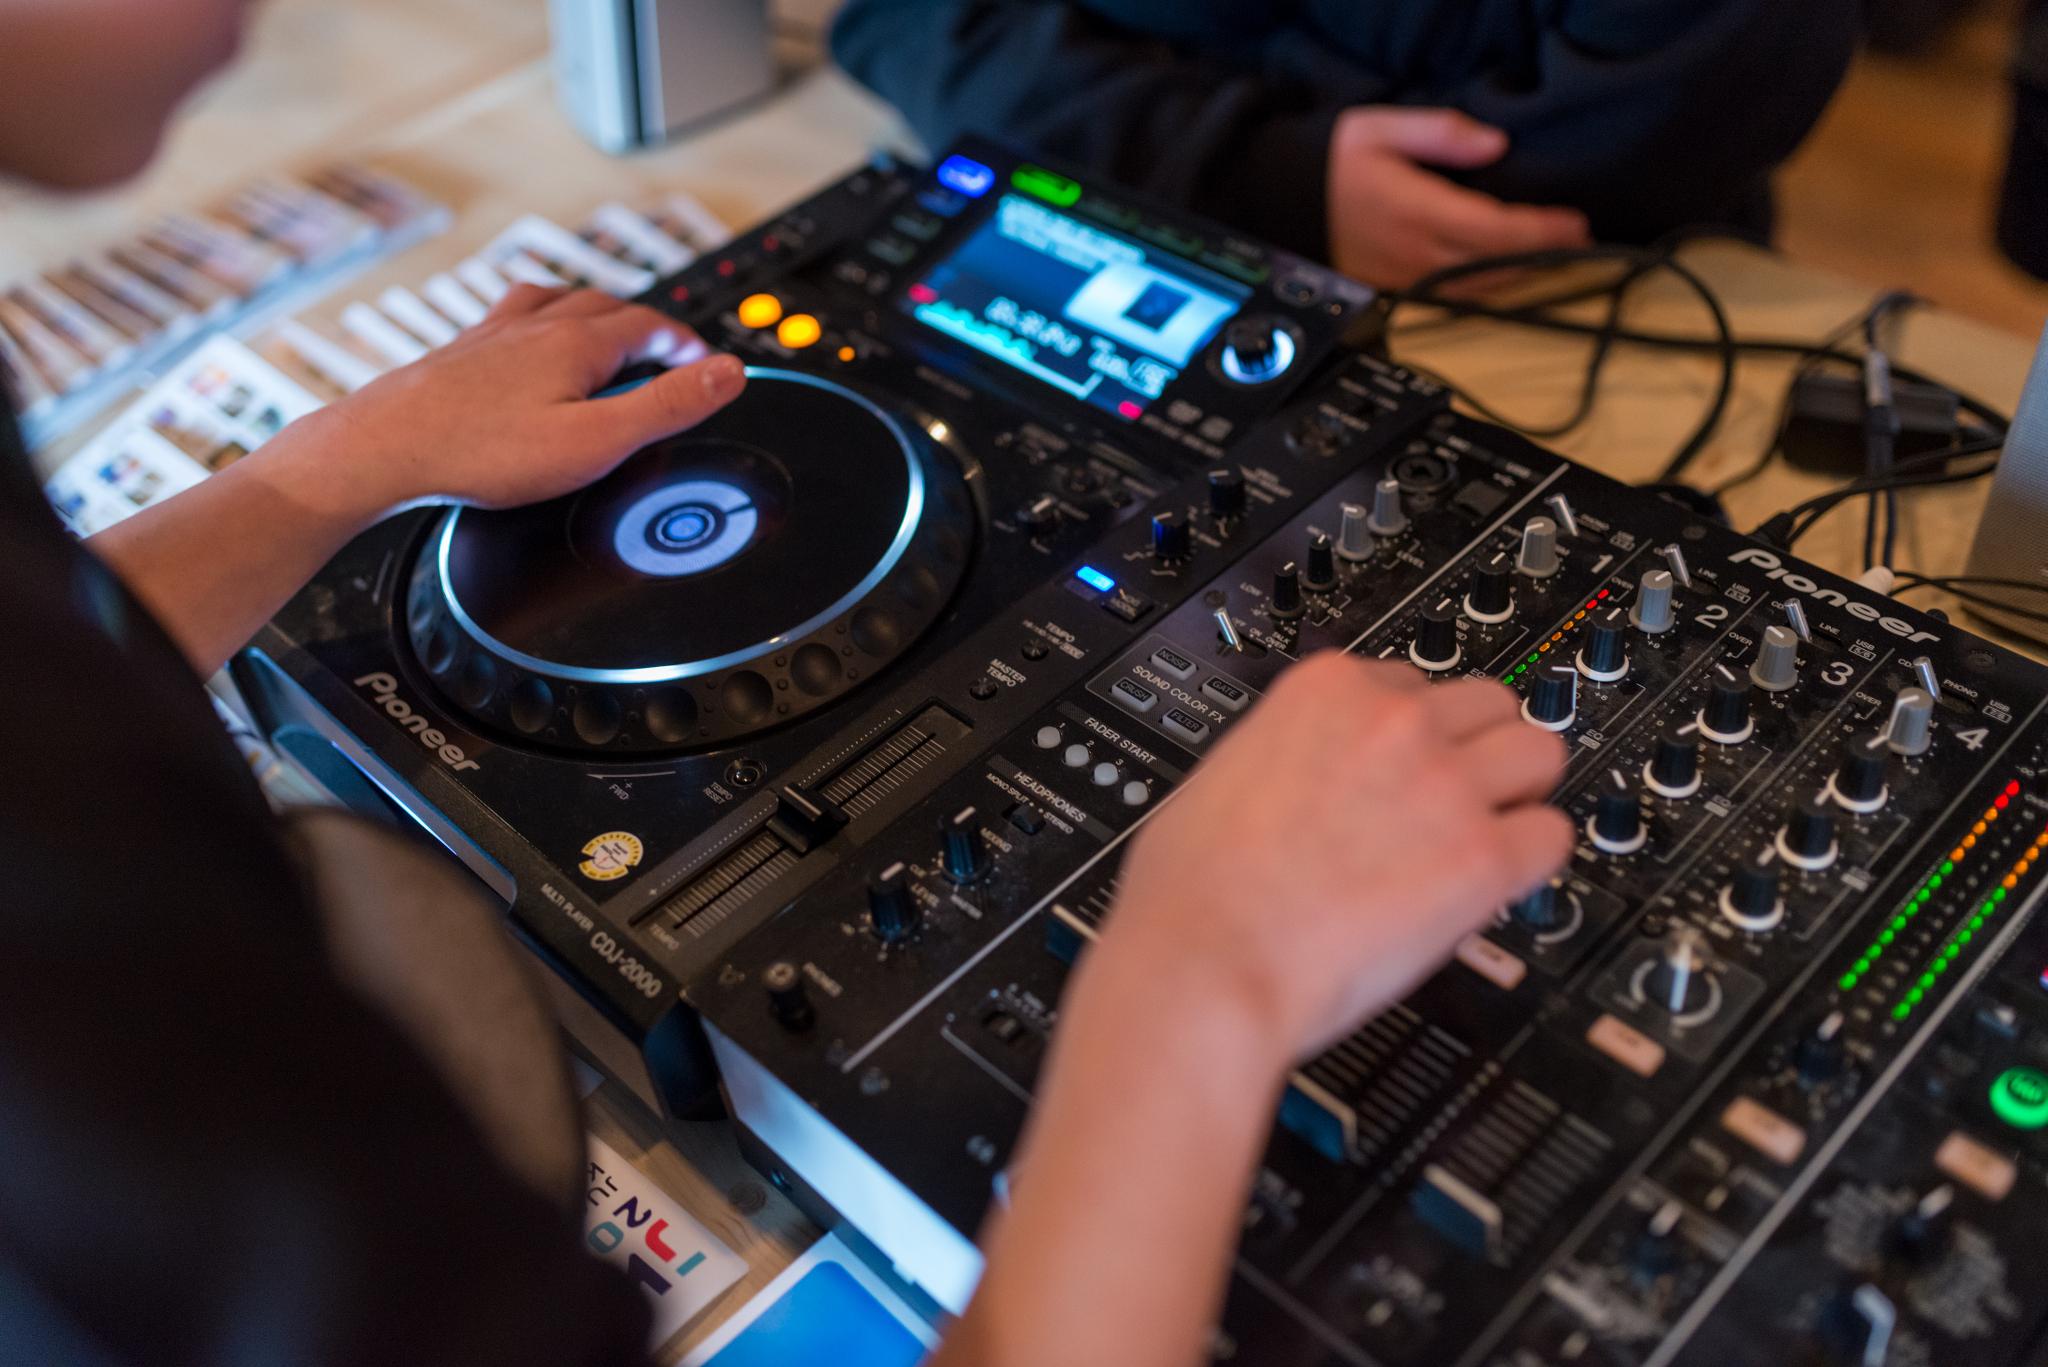 jugendkulturjahr-2020-ratingen-jkj2020-YouthDay-ManegeLintorf-DJWorkshop